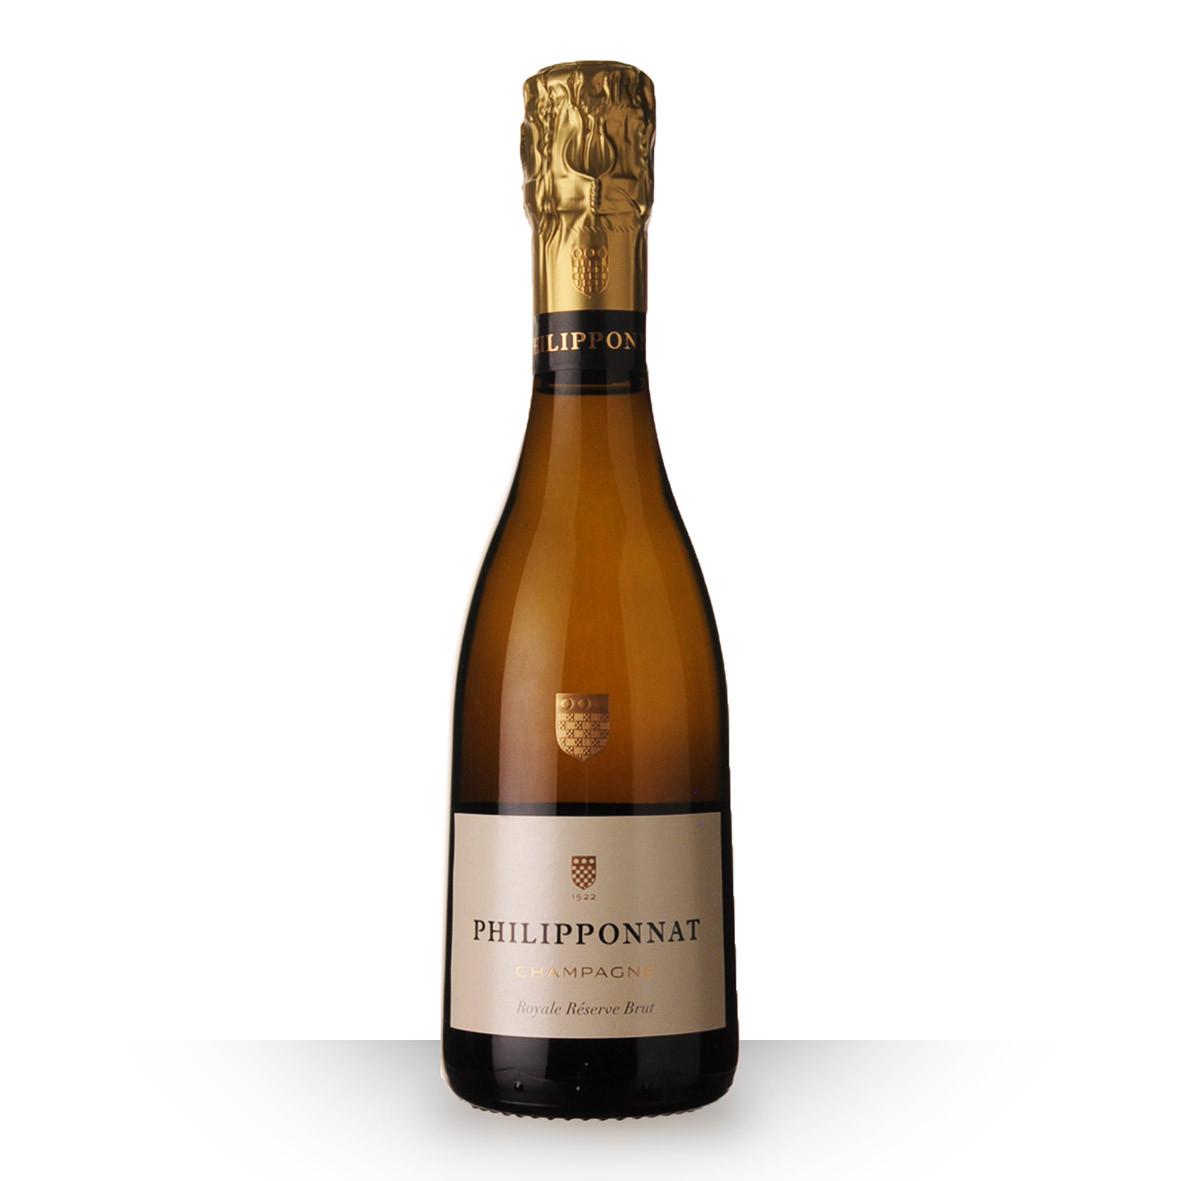 Champagne Philipponnat Royale Réserve Brut 37,5cl www.odyssee-vins.com